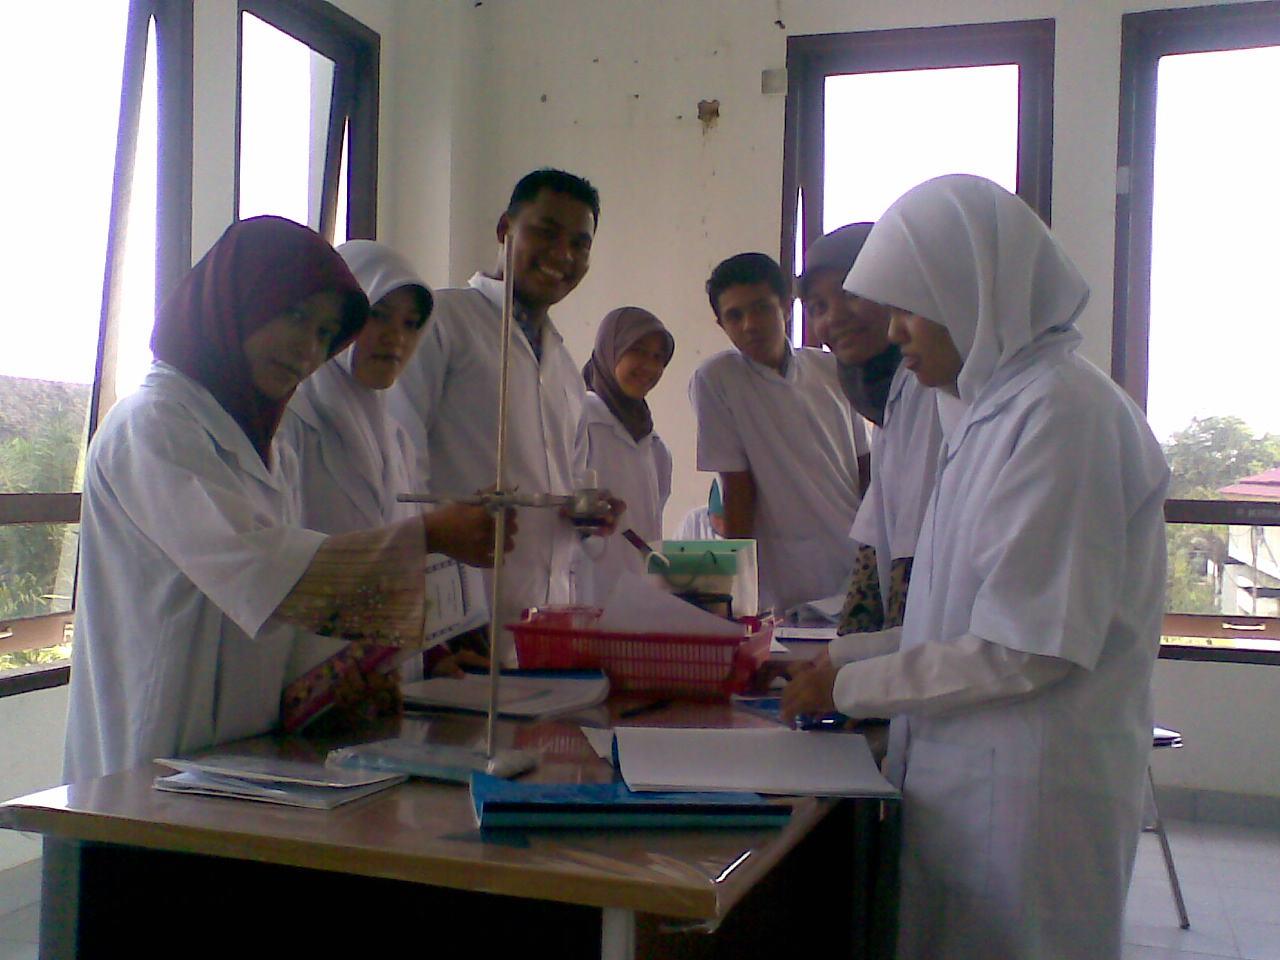 Adhitya dan teman-teman saat praktikum kimia di laboratorium